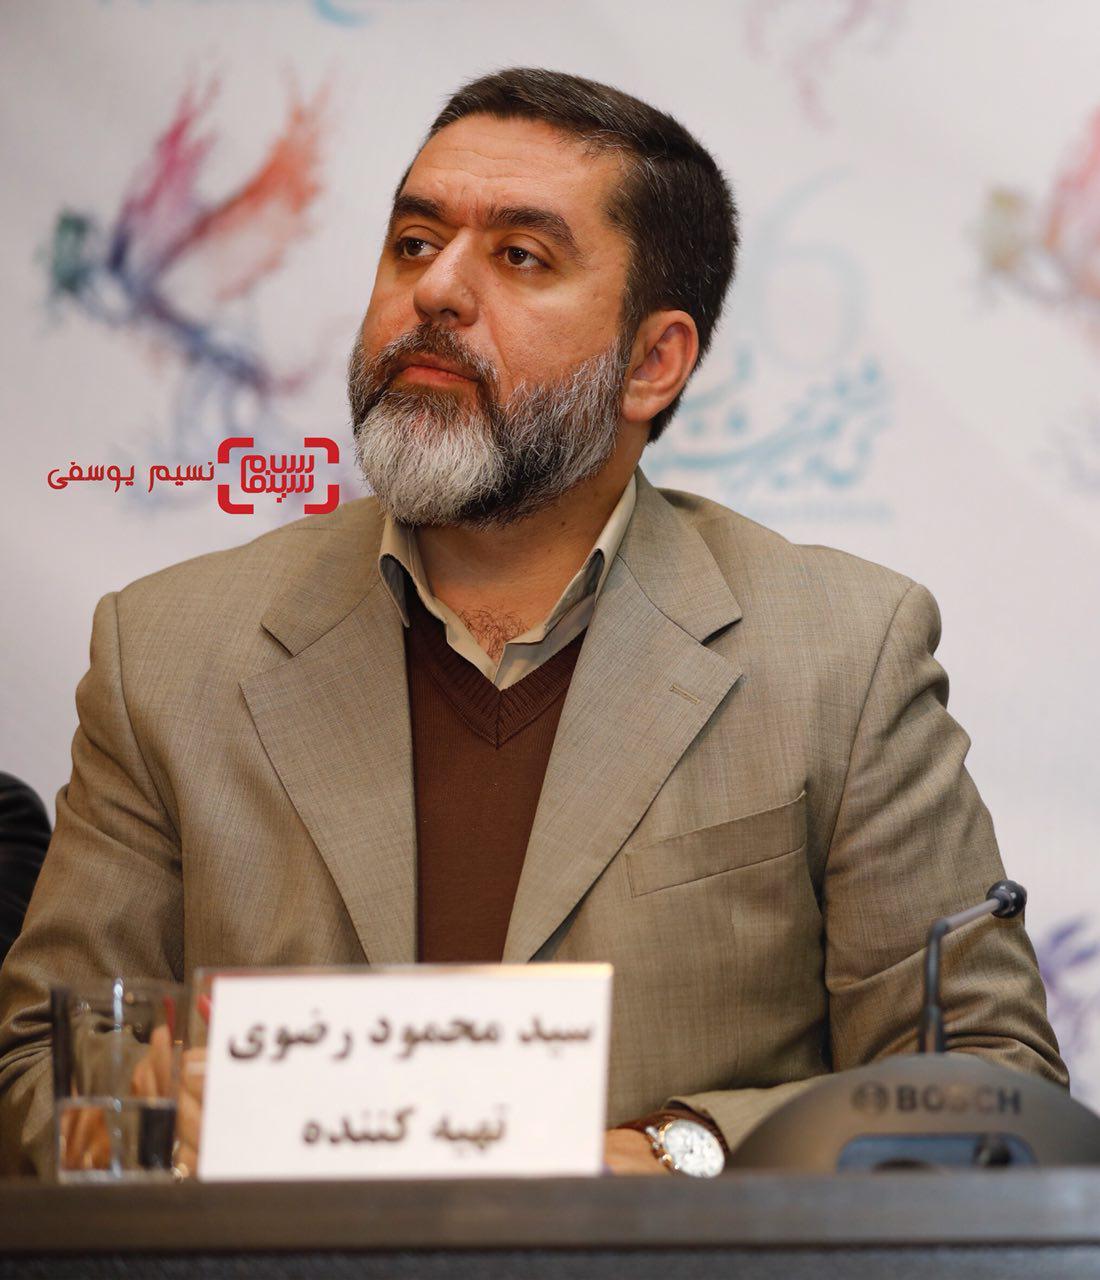 سیدمحمود رضوی در نشست خبری فیلم «دارکوب» در کاخ رسانه جشنواره فیلم فجر36